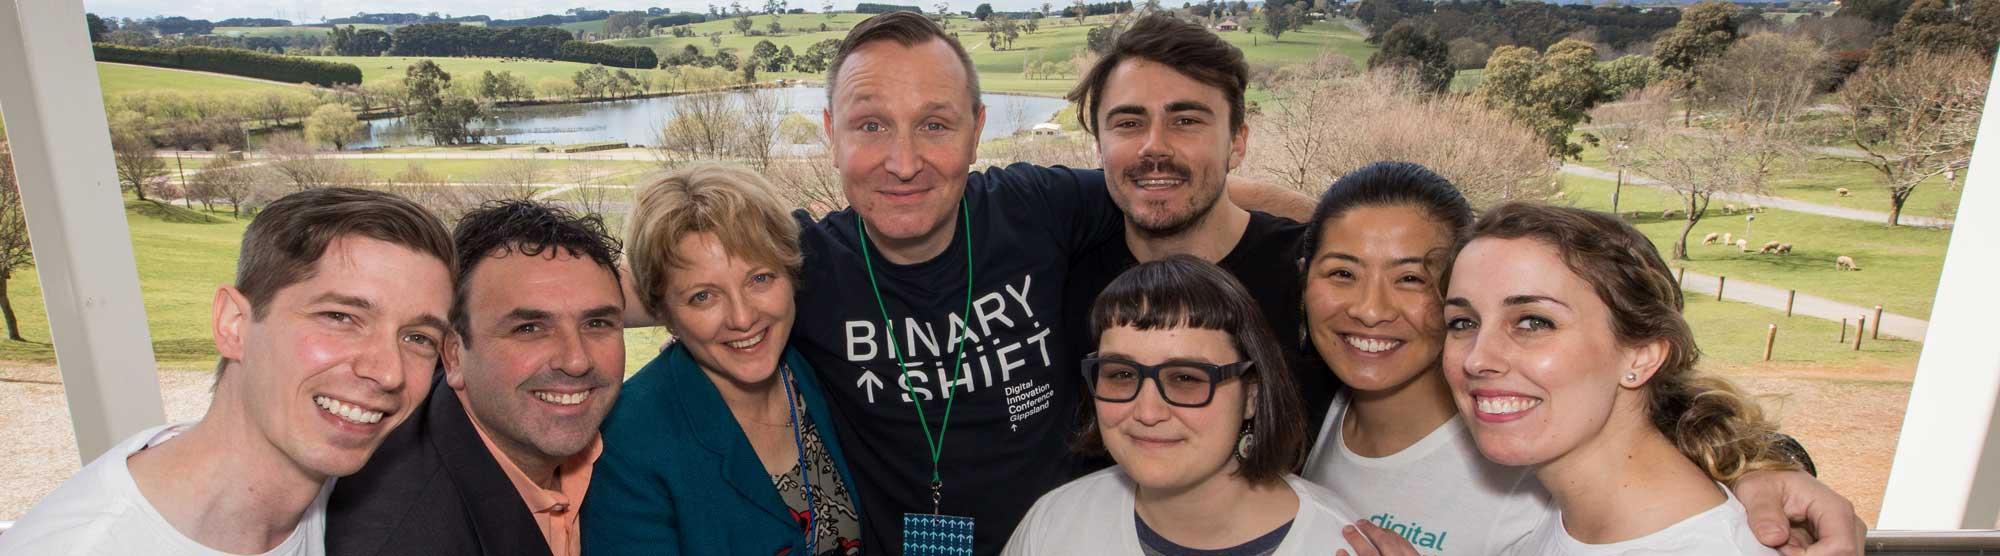 Binary Shift group shot